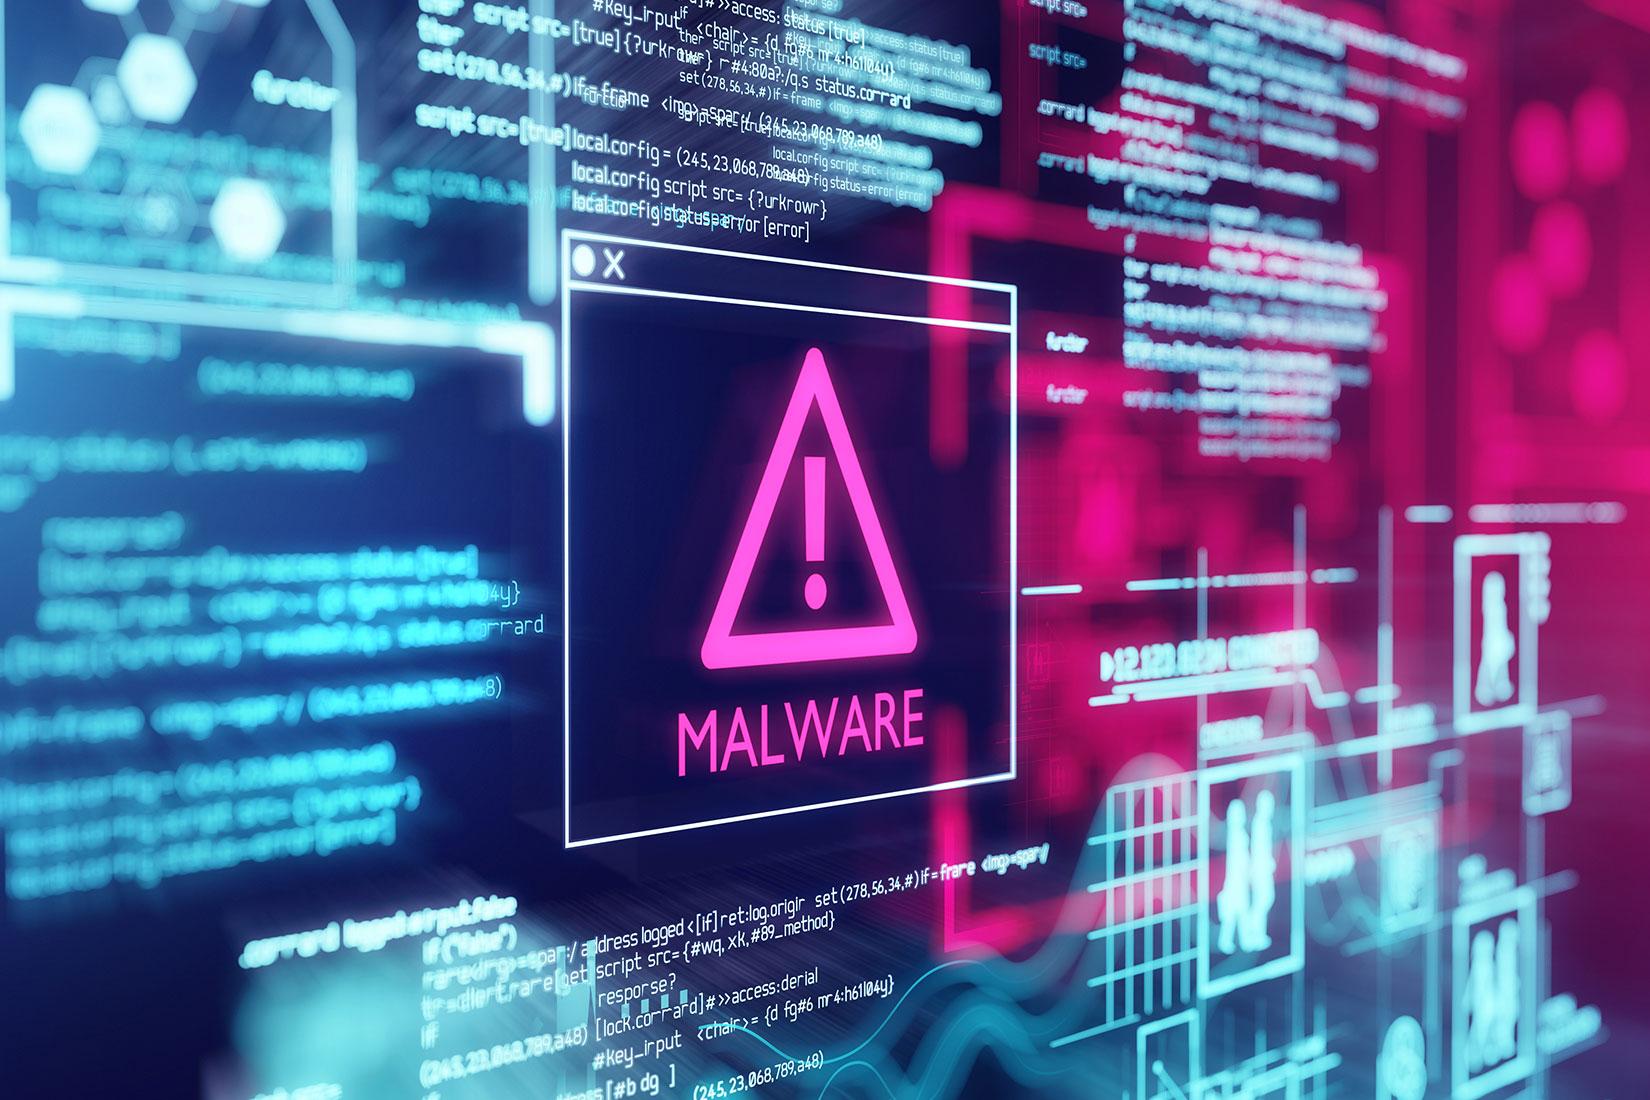 国家を襲うソフトウェアサプライチェーン攻撃《前編》<br>2017年 ― その始まり